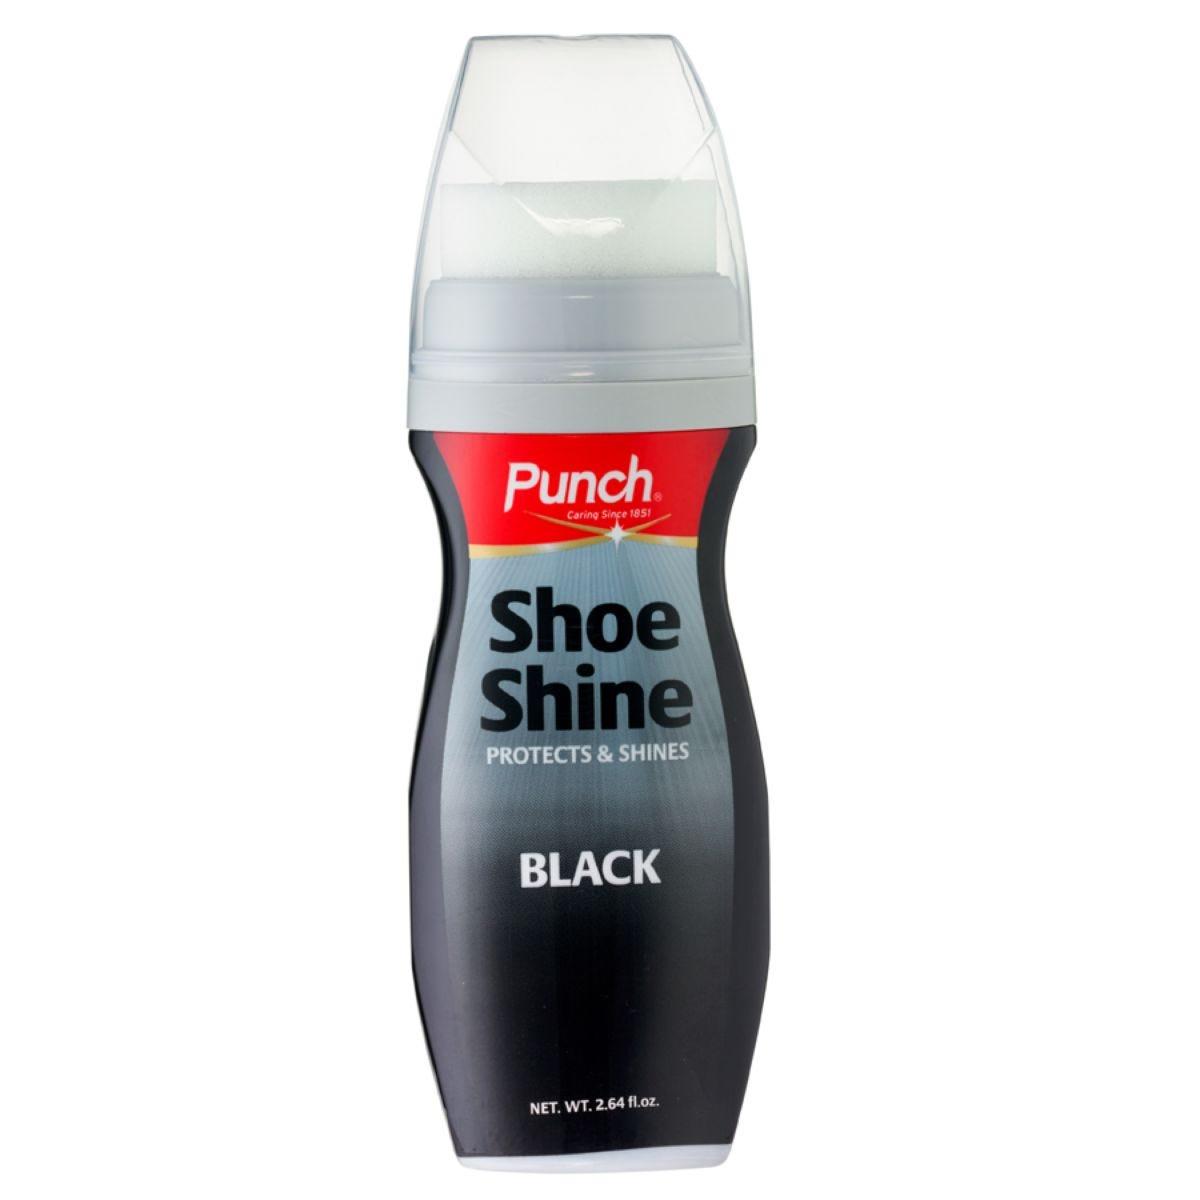 Punch Shoe Polish – Black